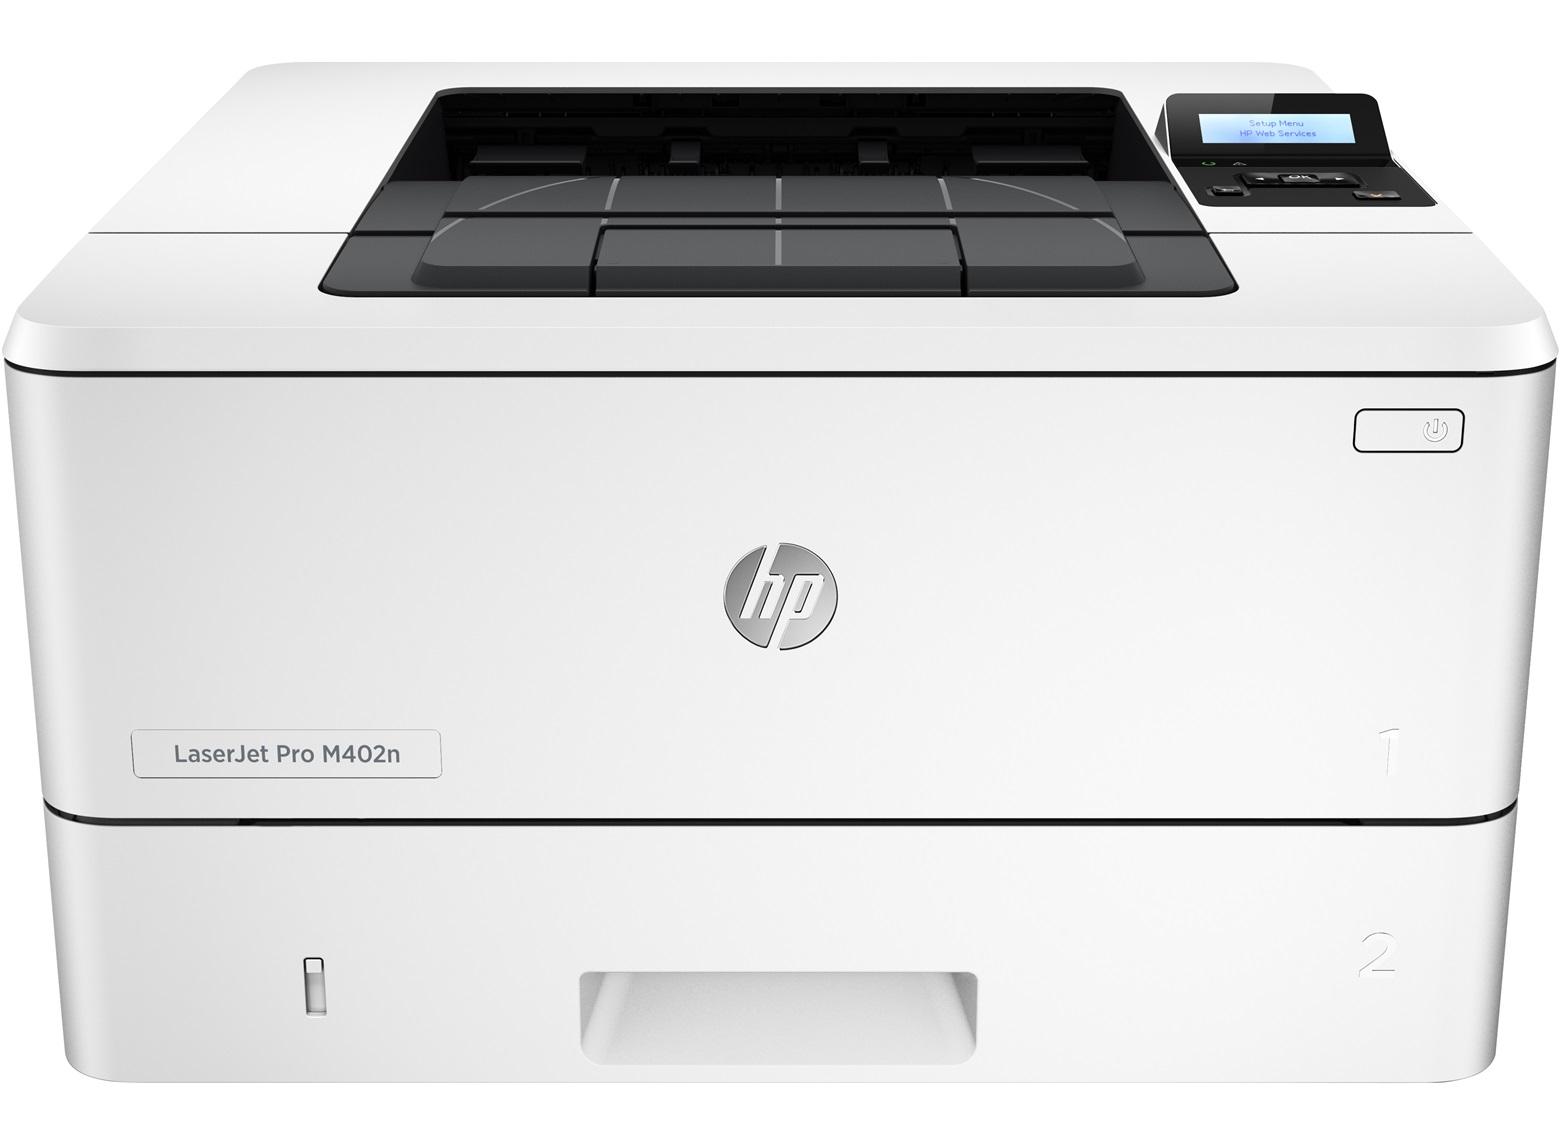 HP LaserJet Pro 400 M402n /A4, 38ppm, USB, LAN